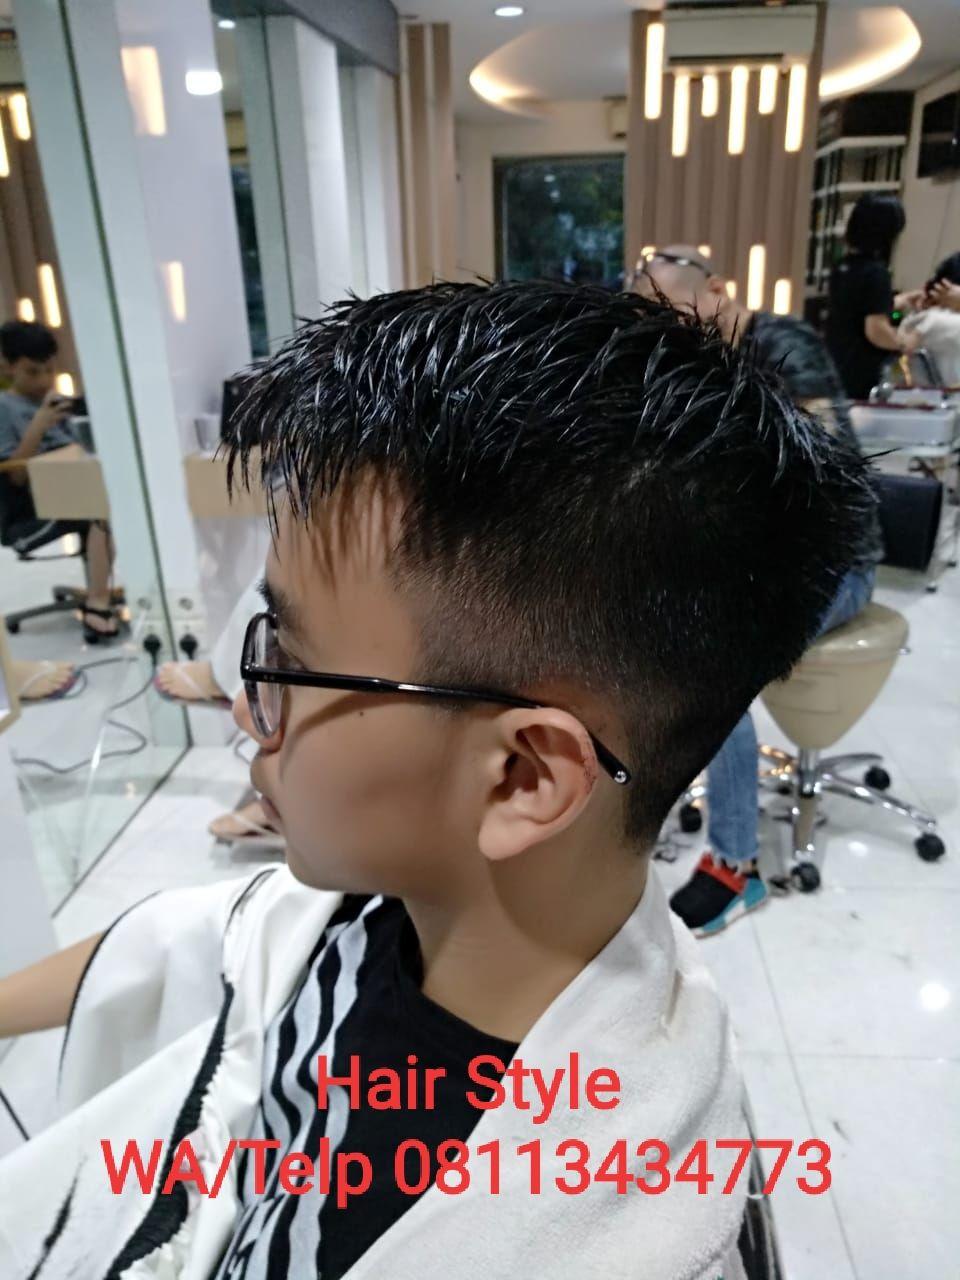 Pin On Salon Kecantikan Surabaya Wa Telp 0811 3434 773